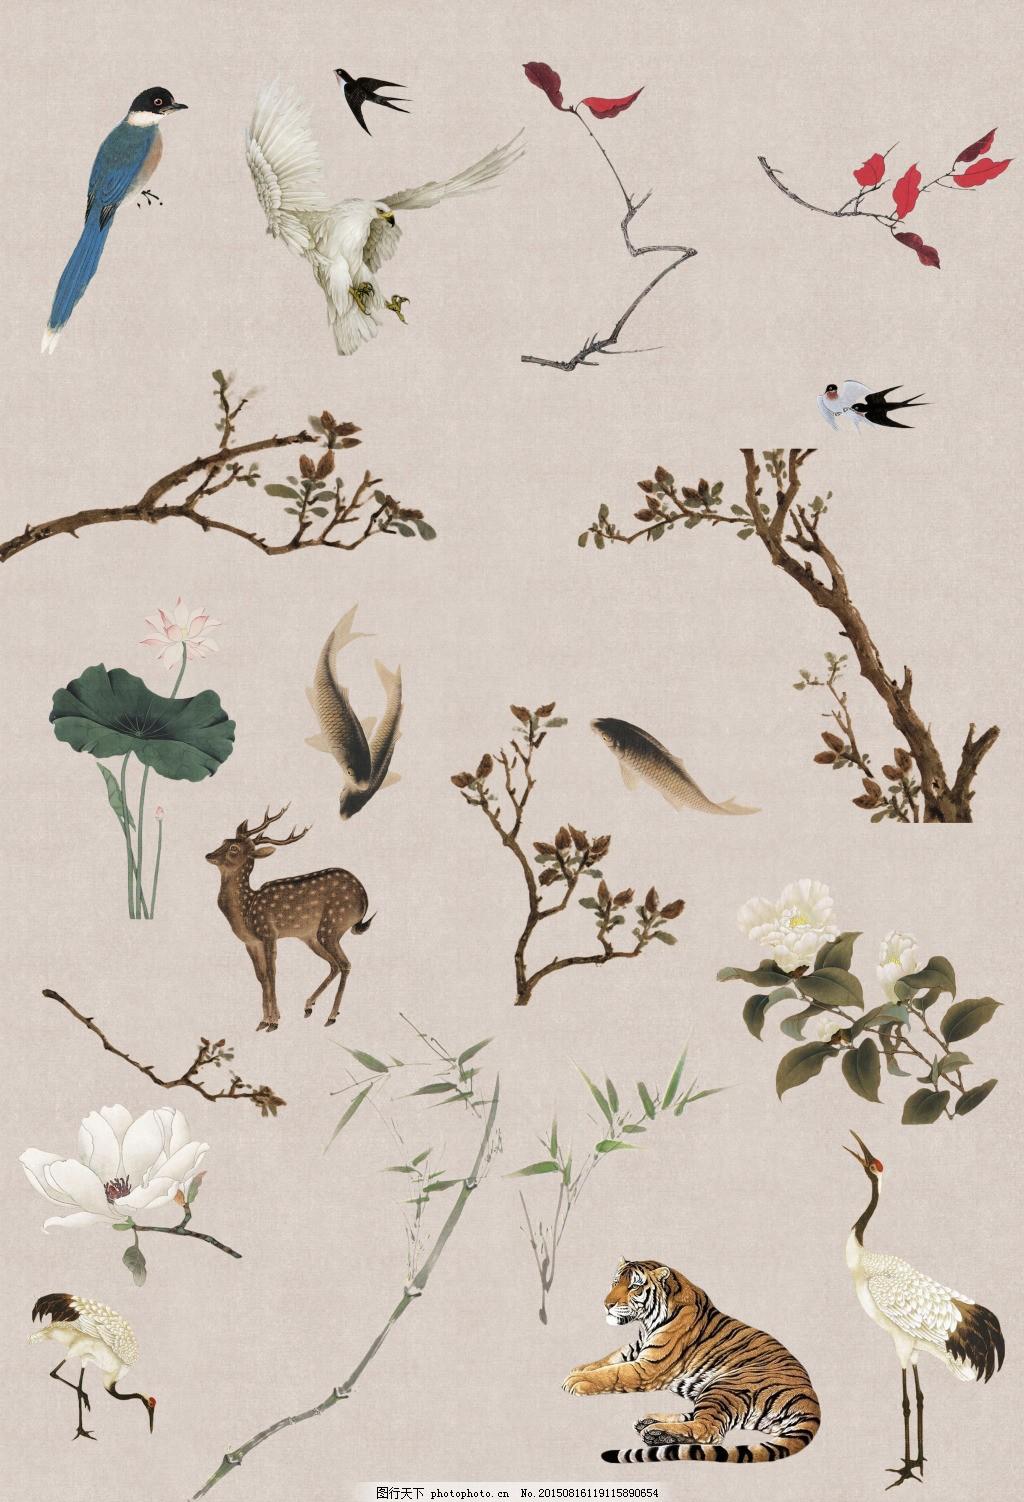 古风工笔画溶图中国风元素 豆绿色 古风元素 荷花 鹤虎鹿 米黄图片